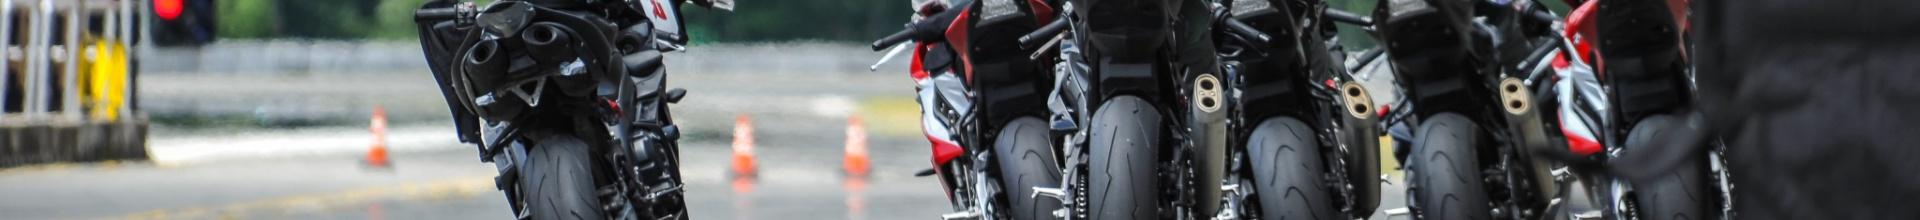 BMW Motorrad Test-Ride